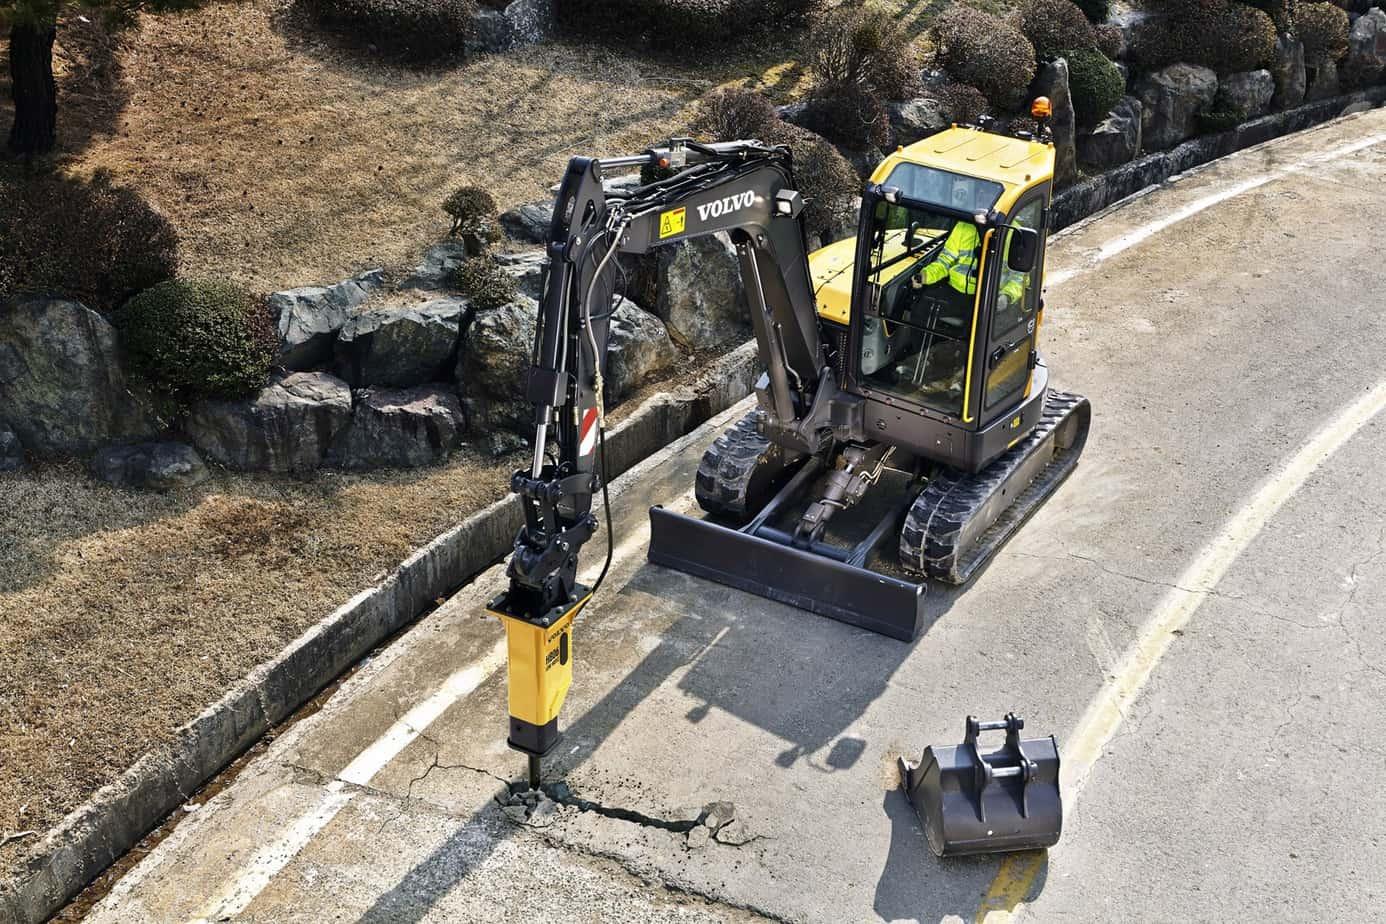 I durevoli demolitori idraulici Volvo sono progettati per essere totalmente compatibili con gli escavatori Volvo. La gamma è stata realizzata per gestire i materiali più difficili e coniuga prestazioni eccellenti con bassi livelli di rumorosità e vibrazioni